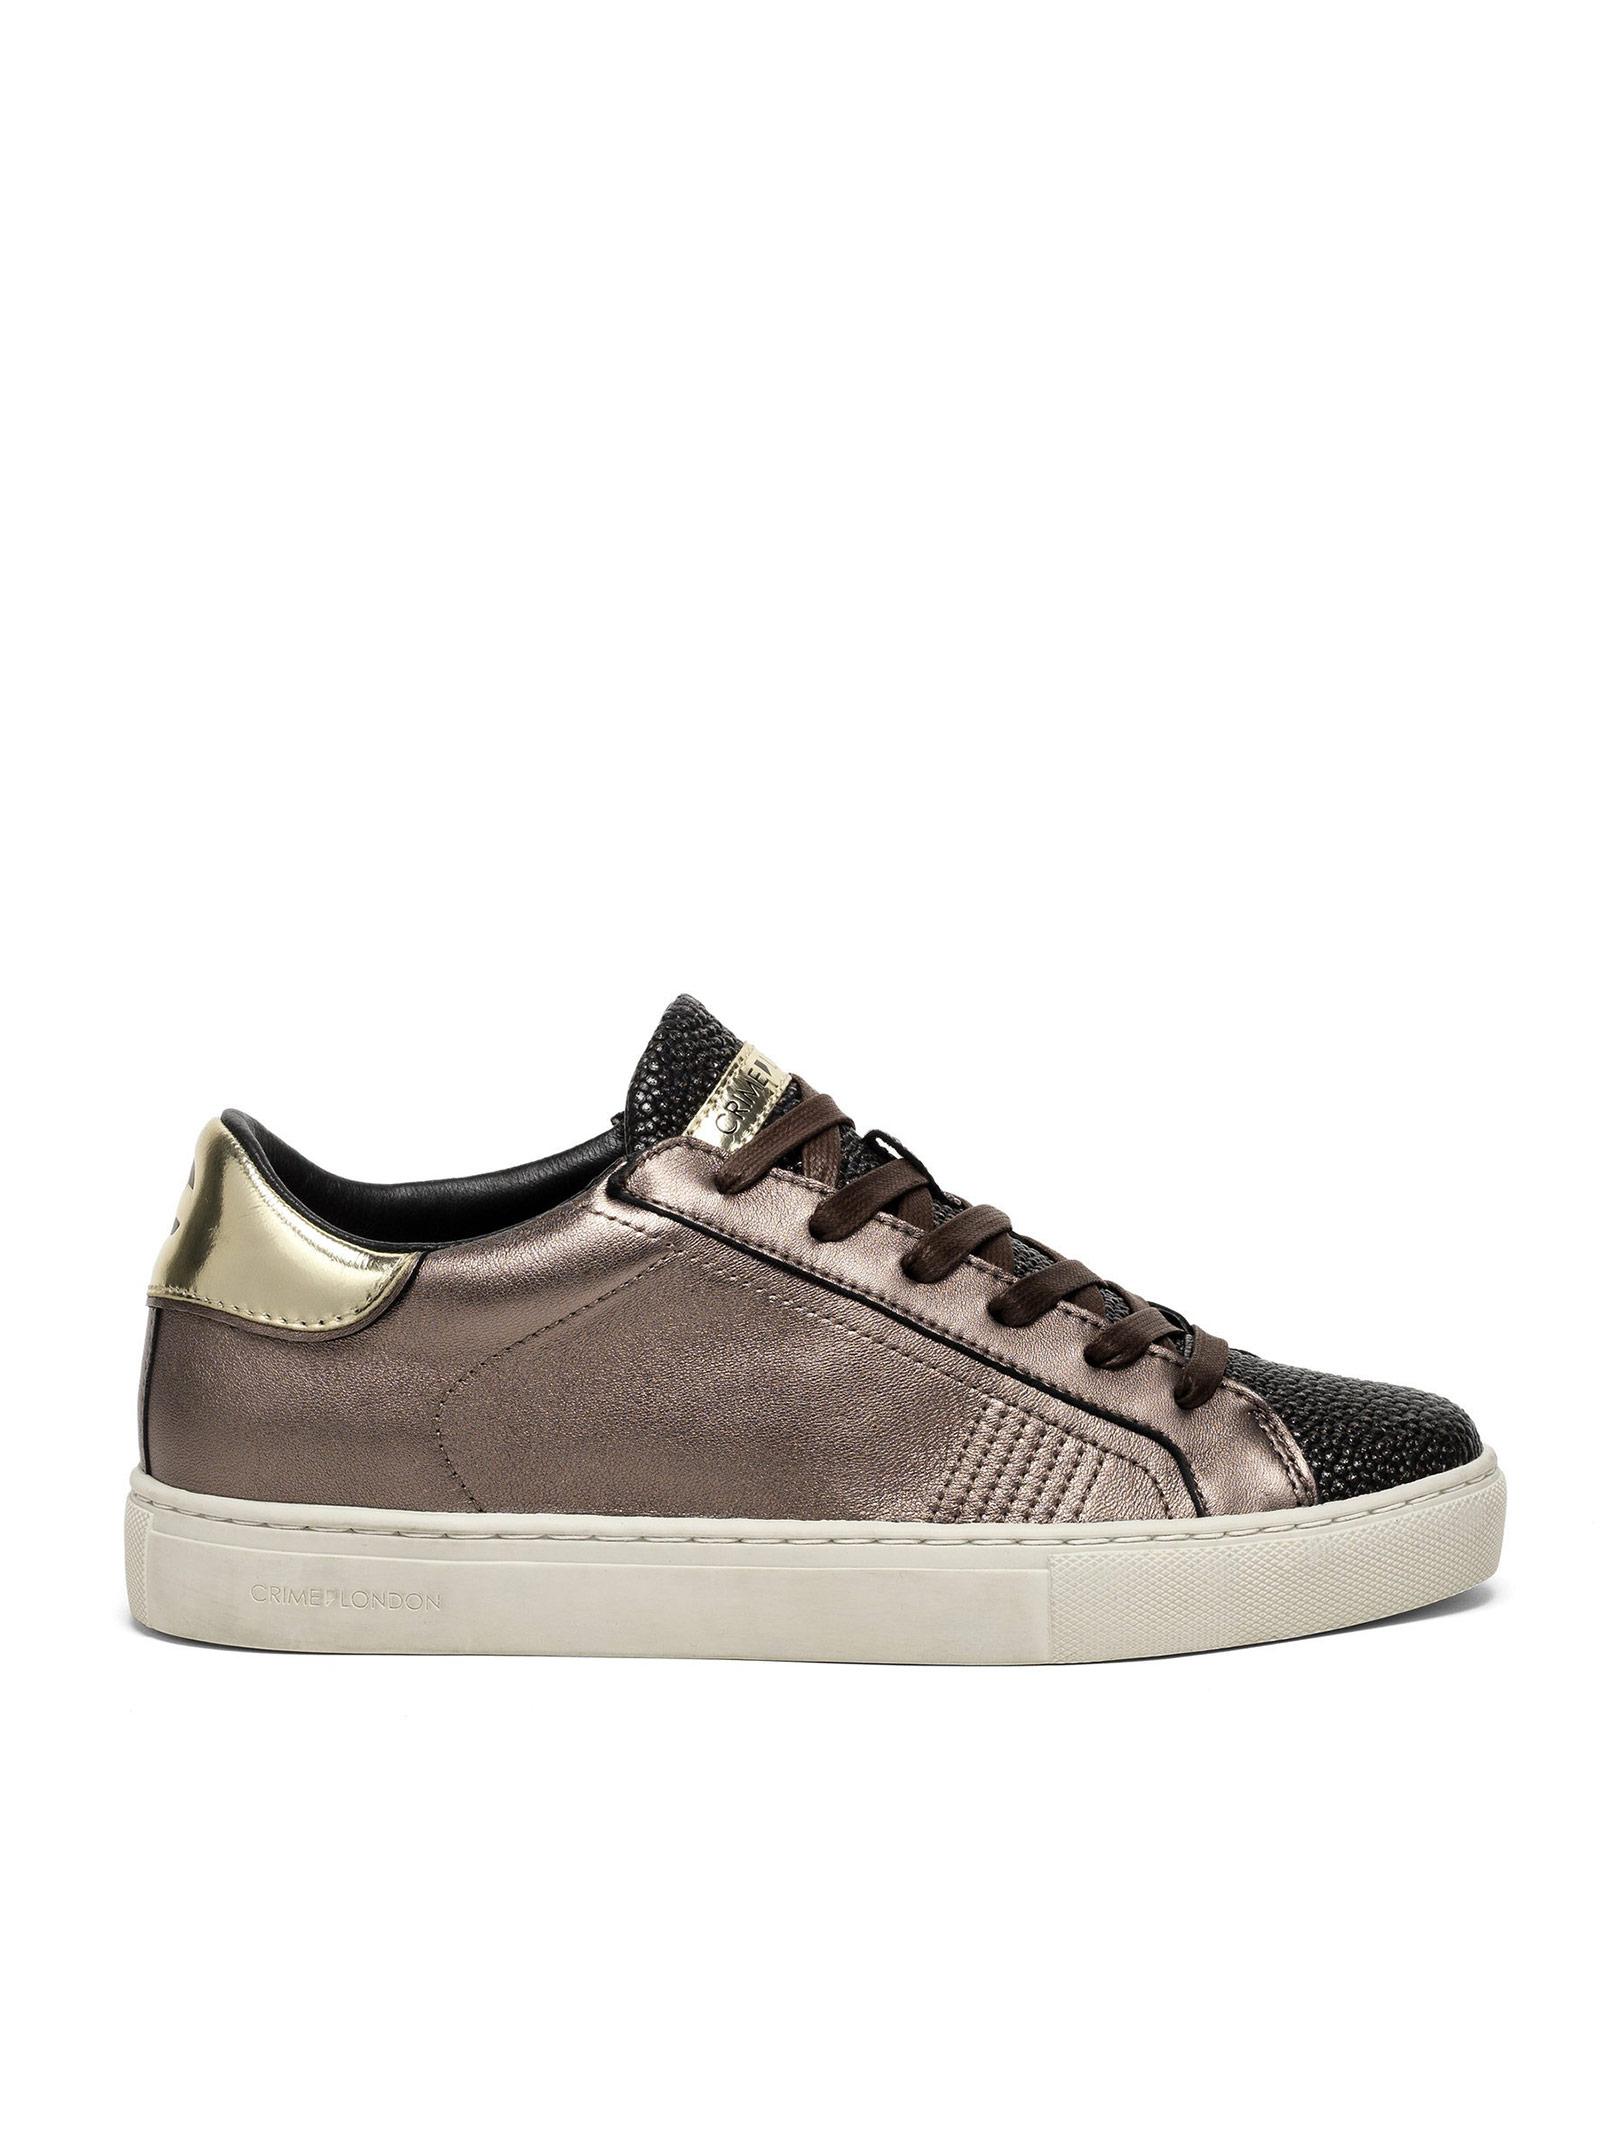 CRIME LONDON | Sneakers | 25619AA3B34